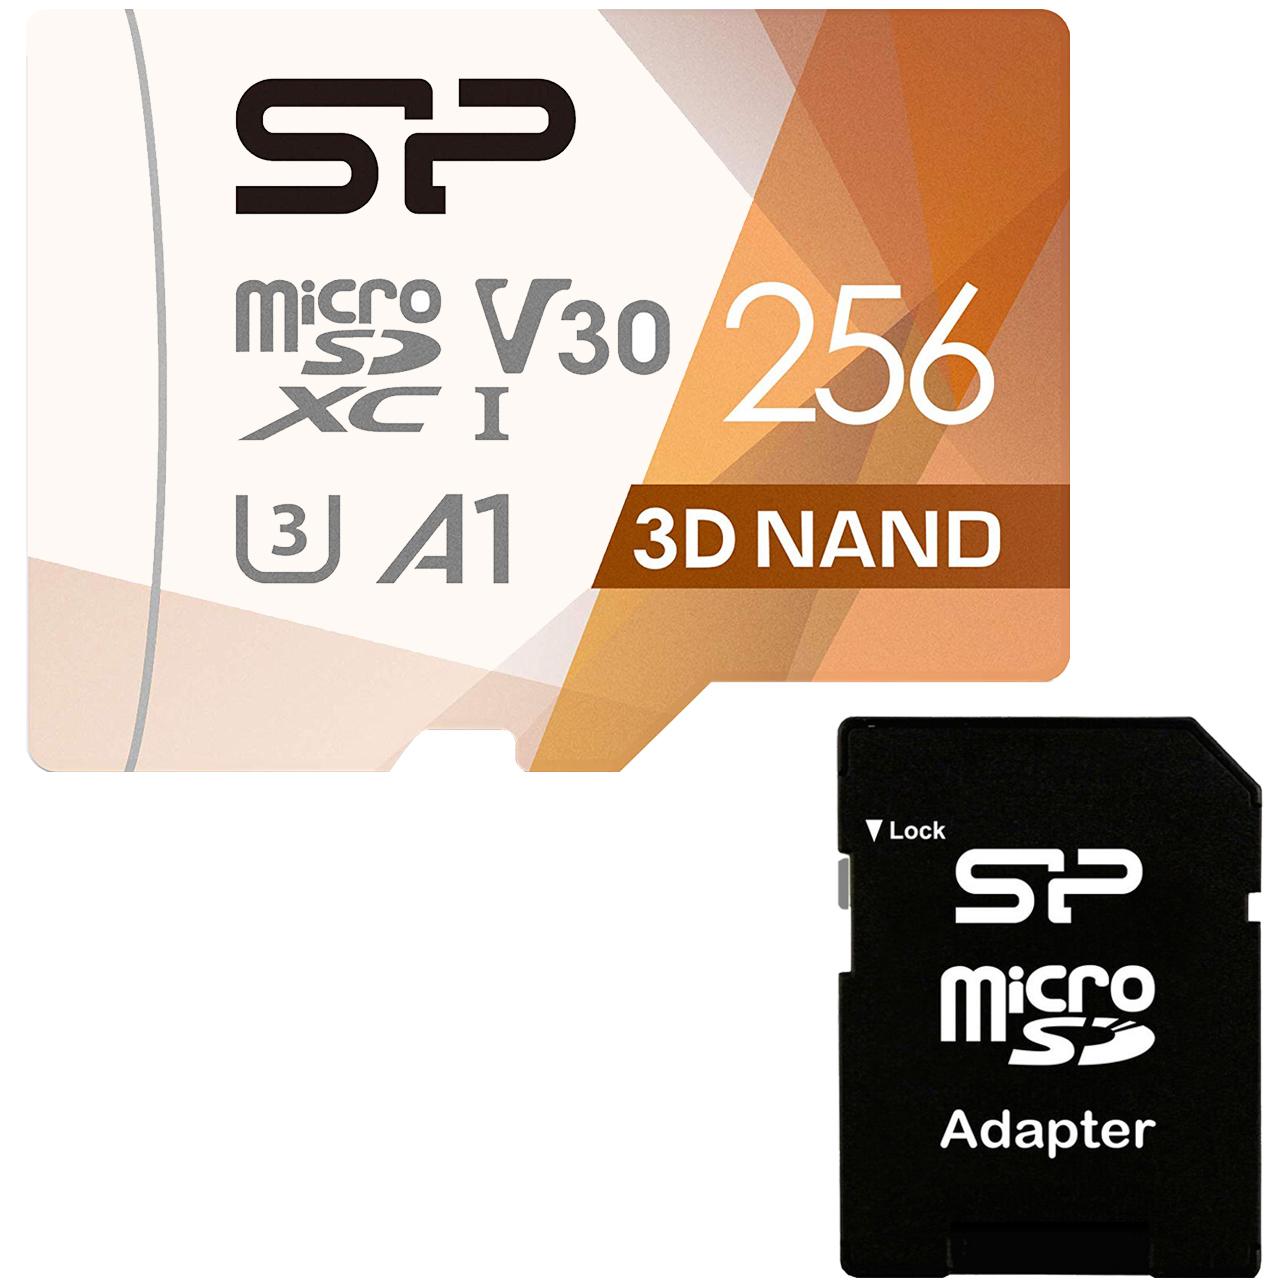 کارت حافظه microSDXC سیلیکون پاور مدل Superior Pro کلاس 10 استاندارد UHS-I U3 سرعت 100MBps ظرفیت 256 گیگابایت به همراه آداپتور SD